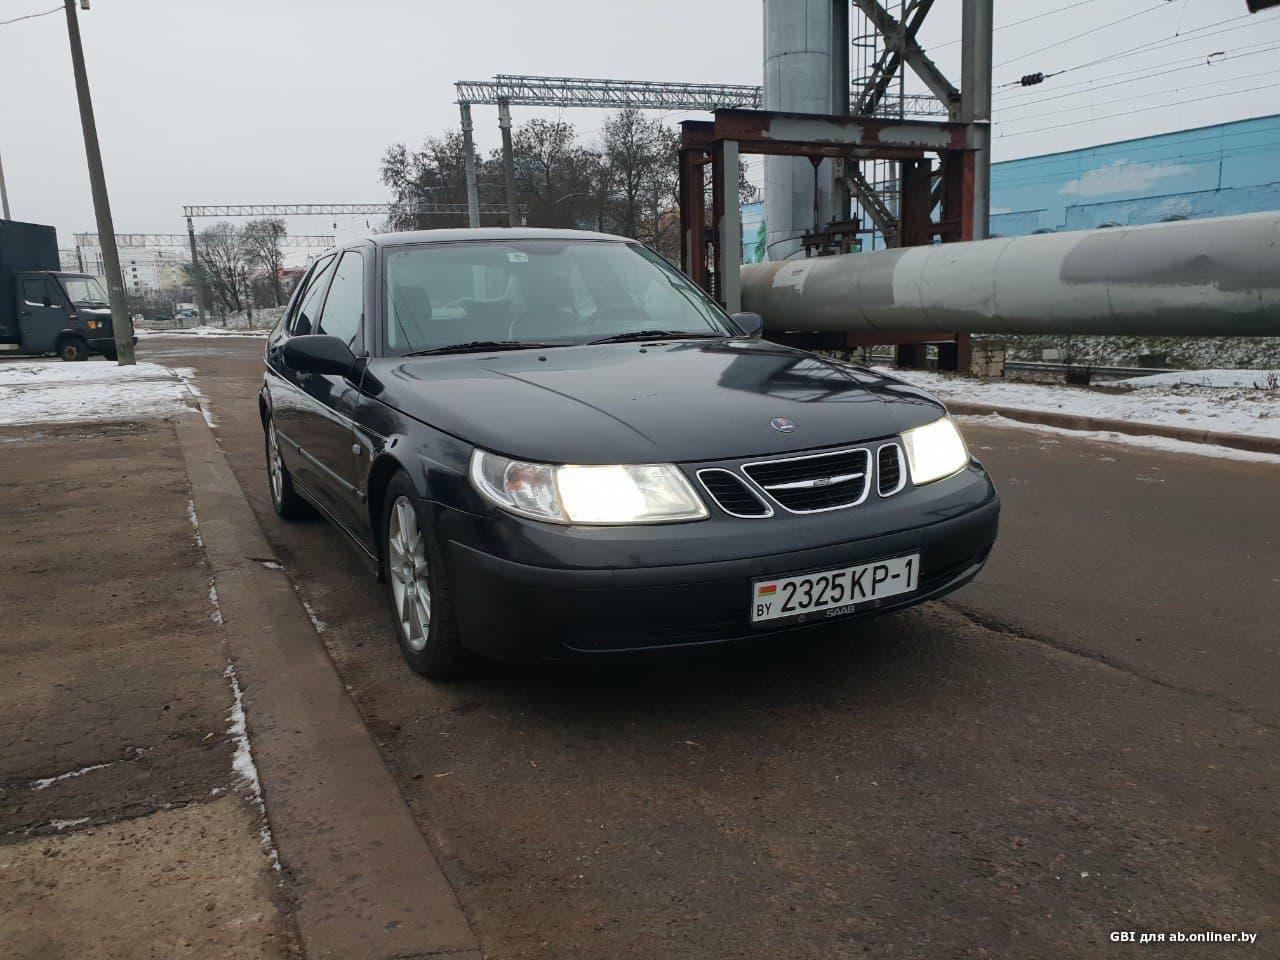 Saab 9 - 5 Aero